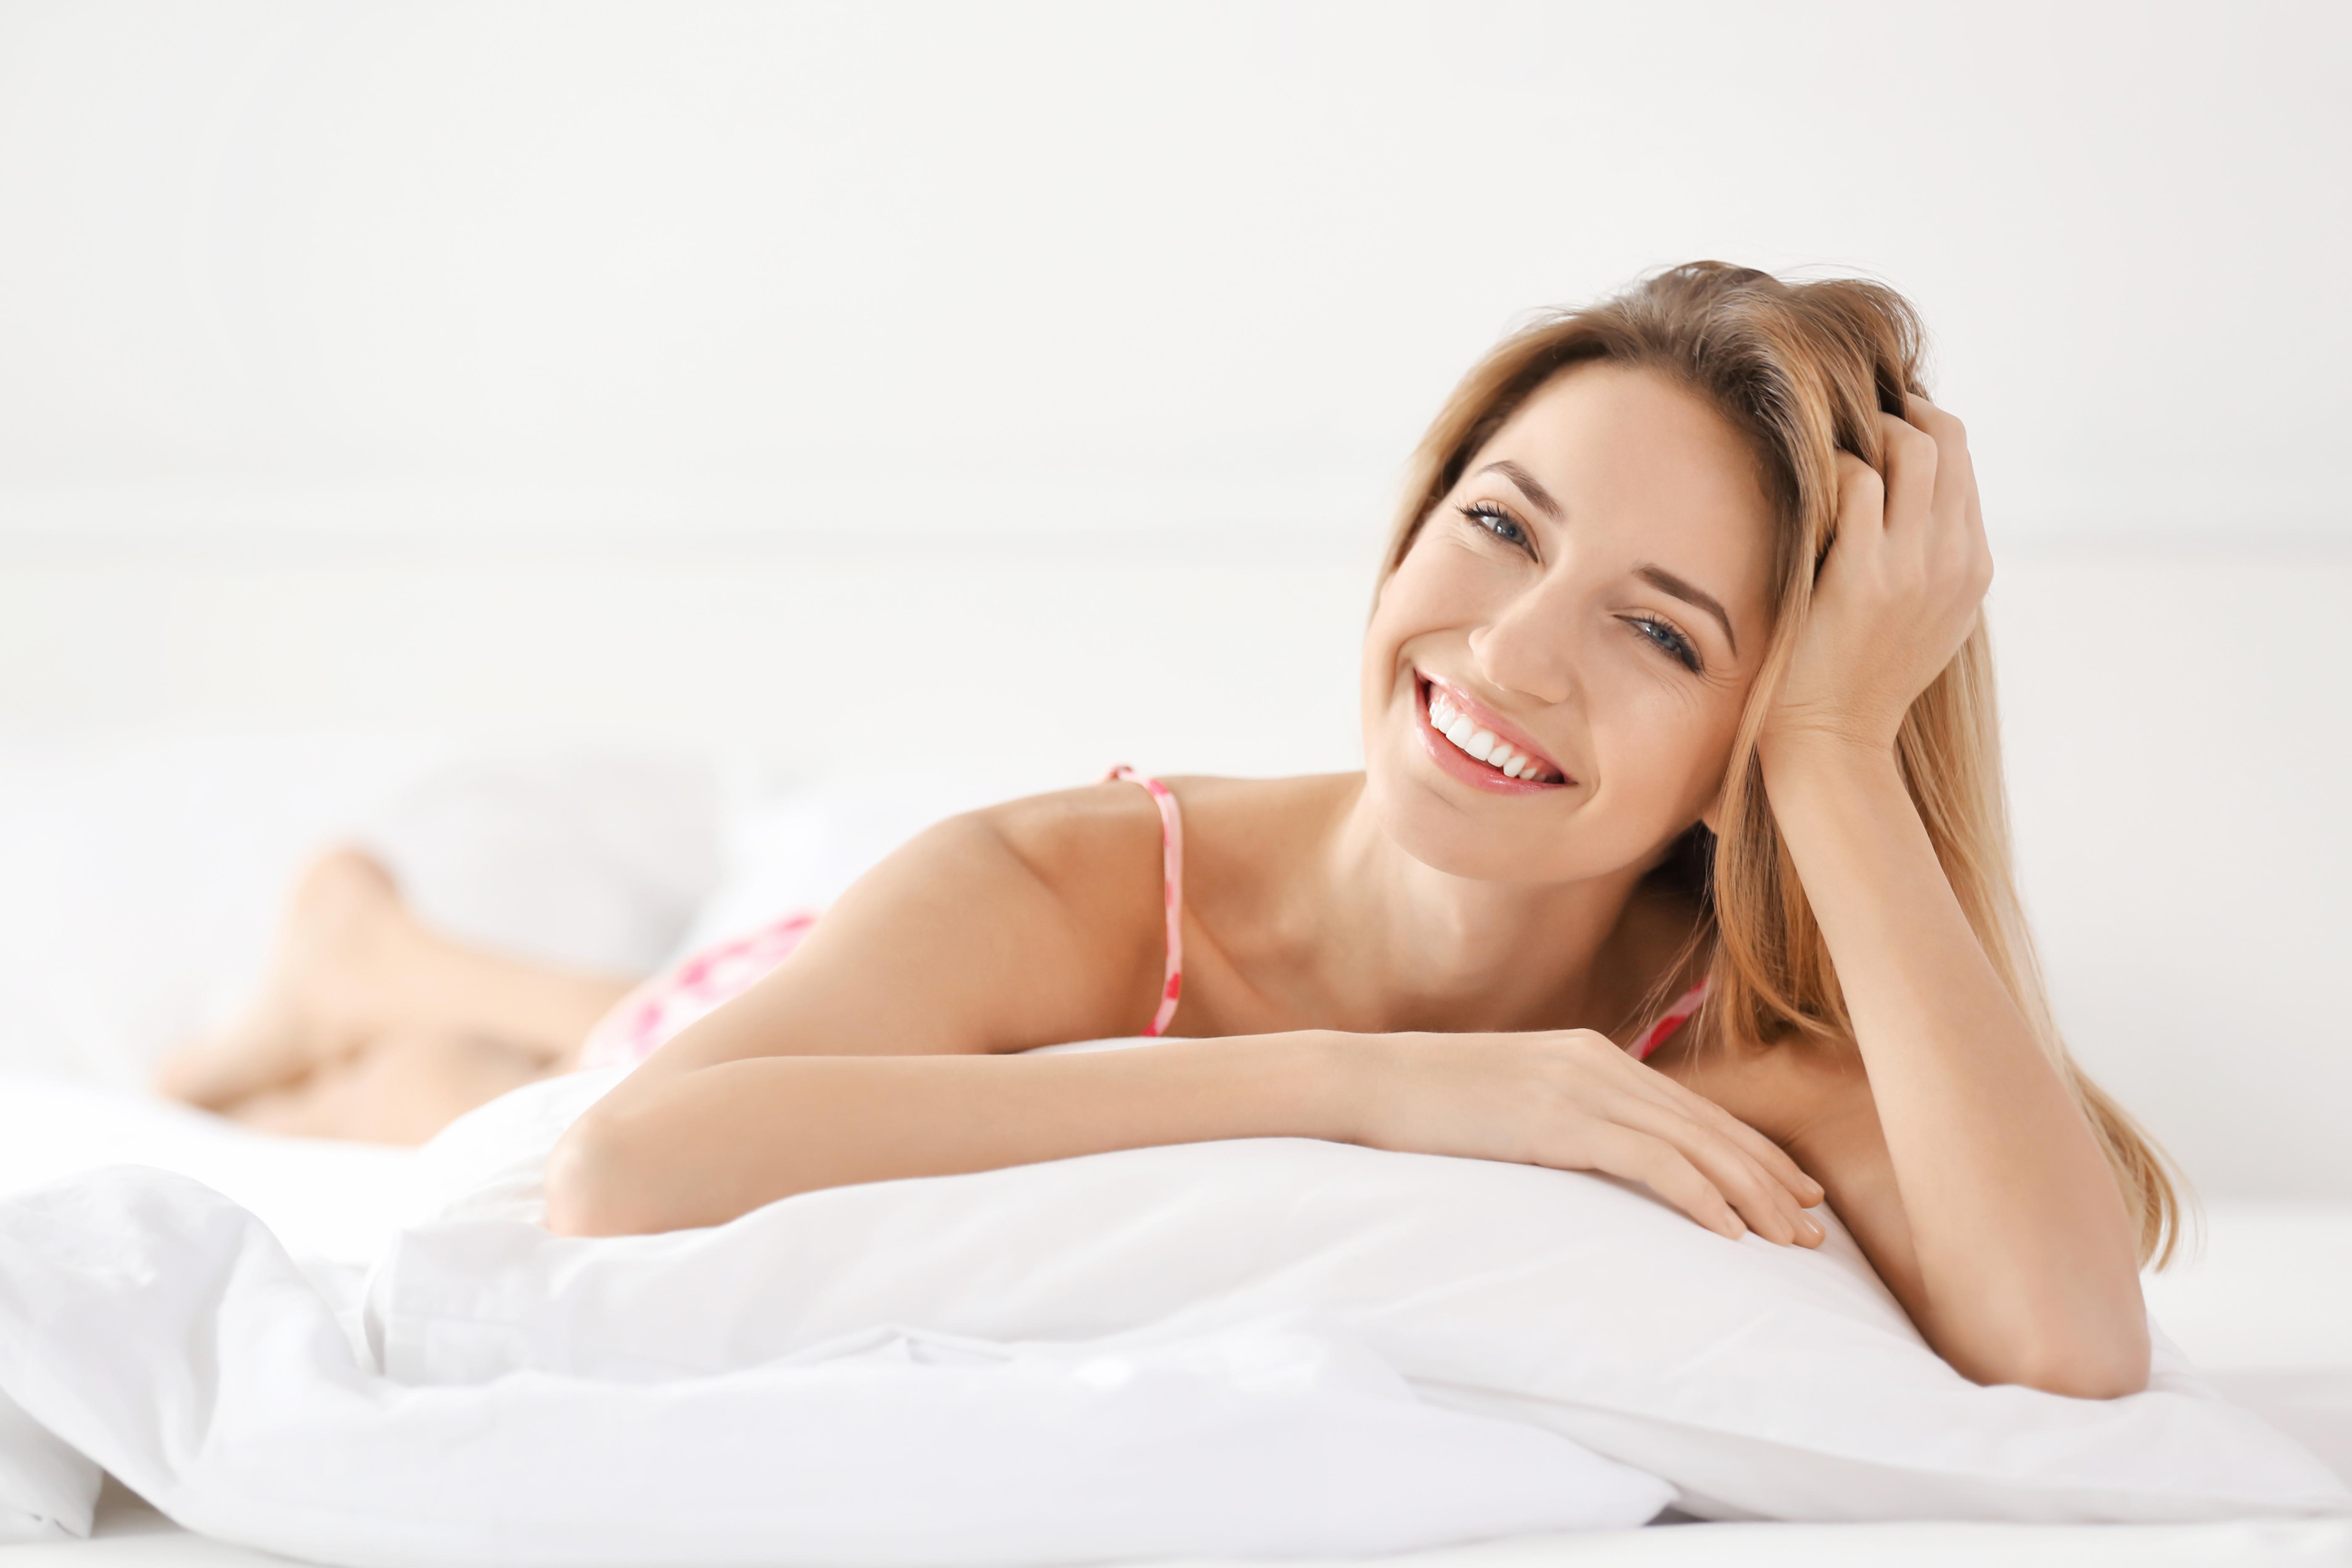 sexuální japonská masážní terapie